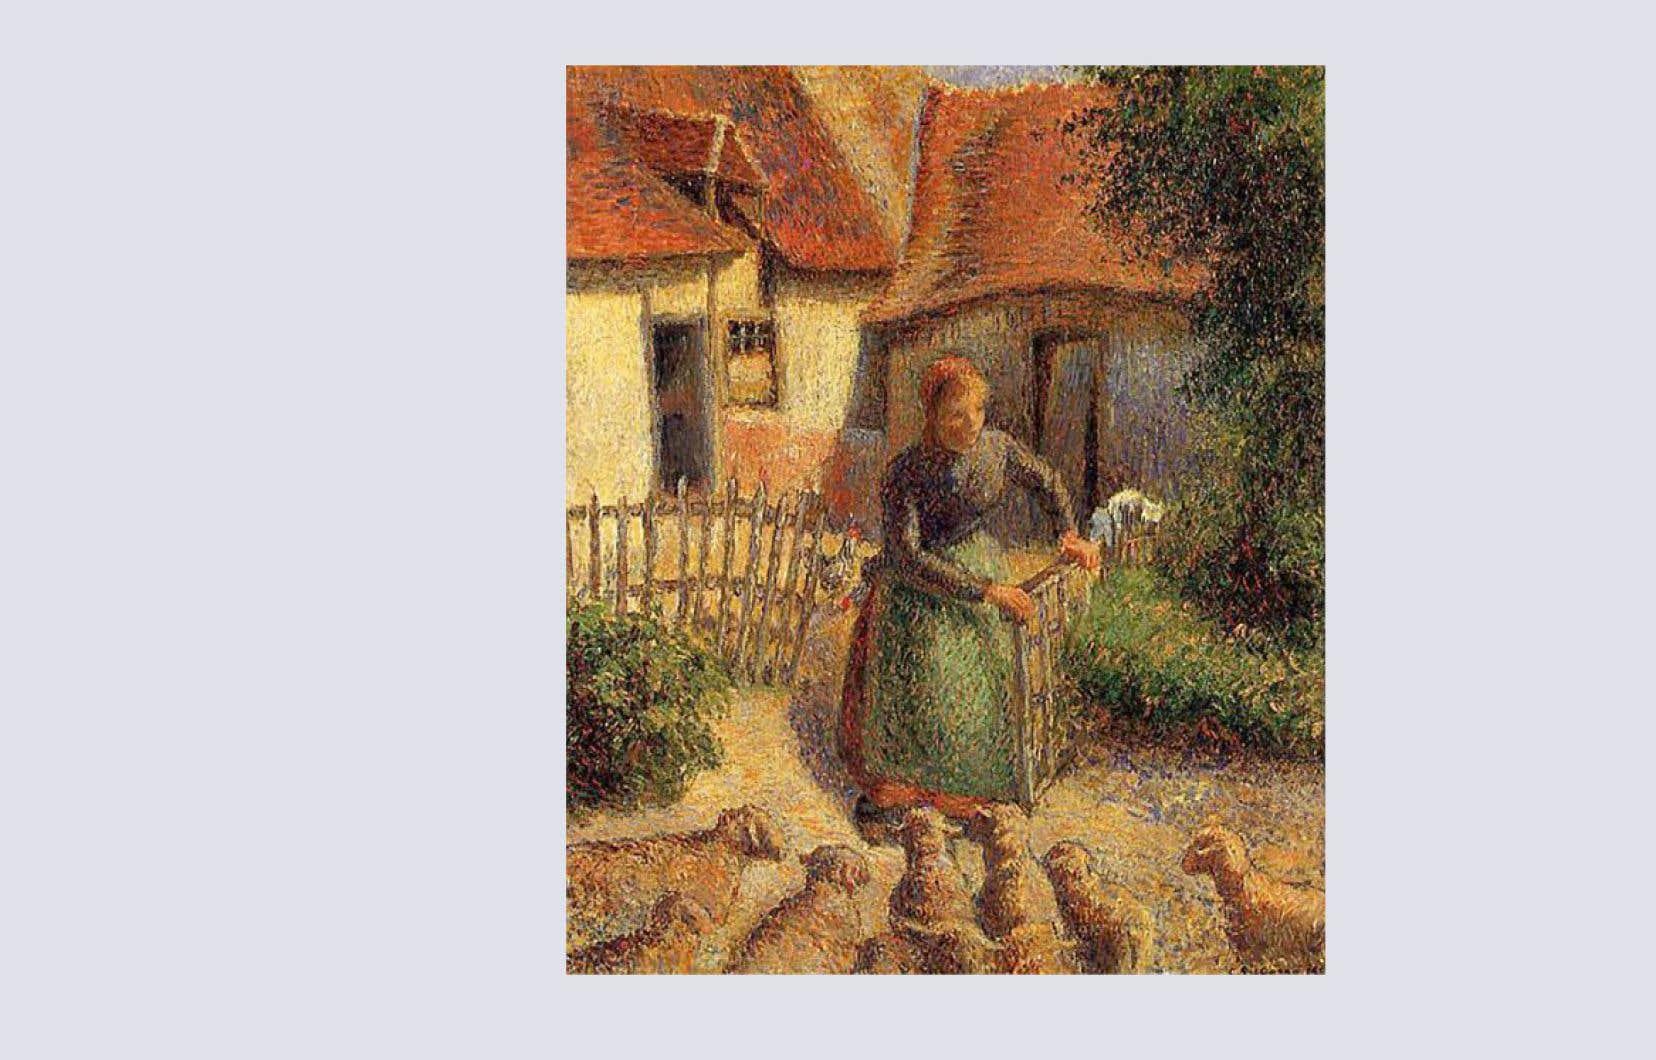 Selon l'accord conclu entre les deux parties, le tableau «La bergère rentrant des moutons», une œuvre peinte par Camille Pissarro en 1886 et actuellement hébergé au musée d'Orsay, à Paris, reviendra aux États-Unis cet été.